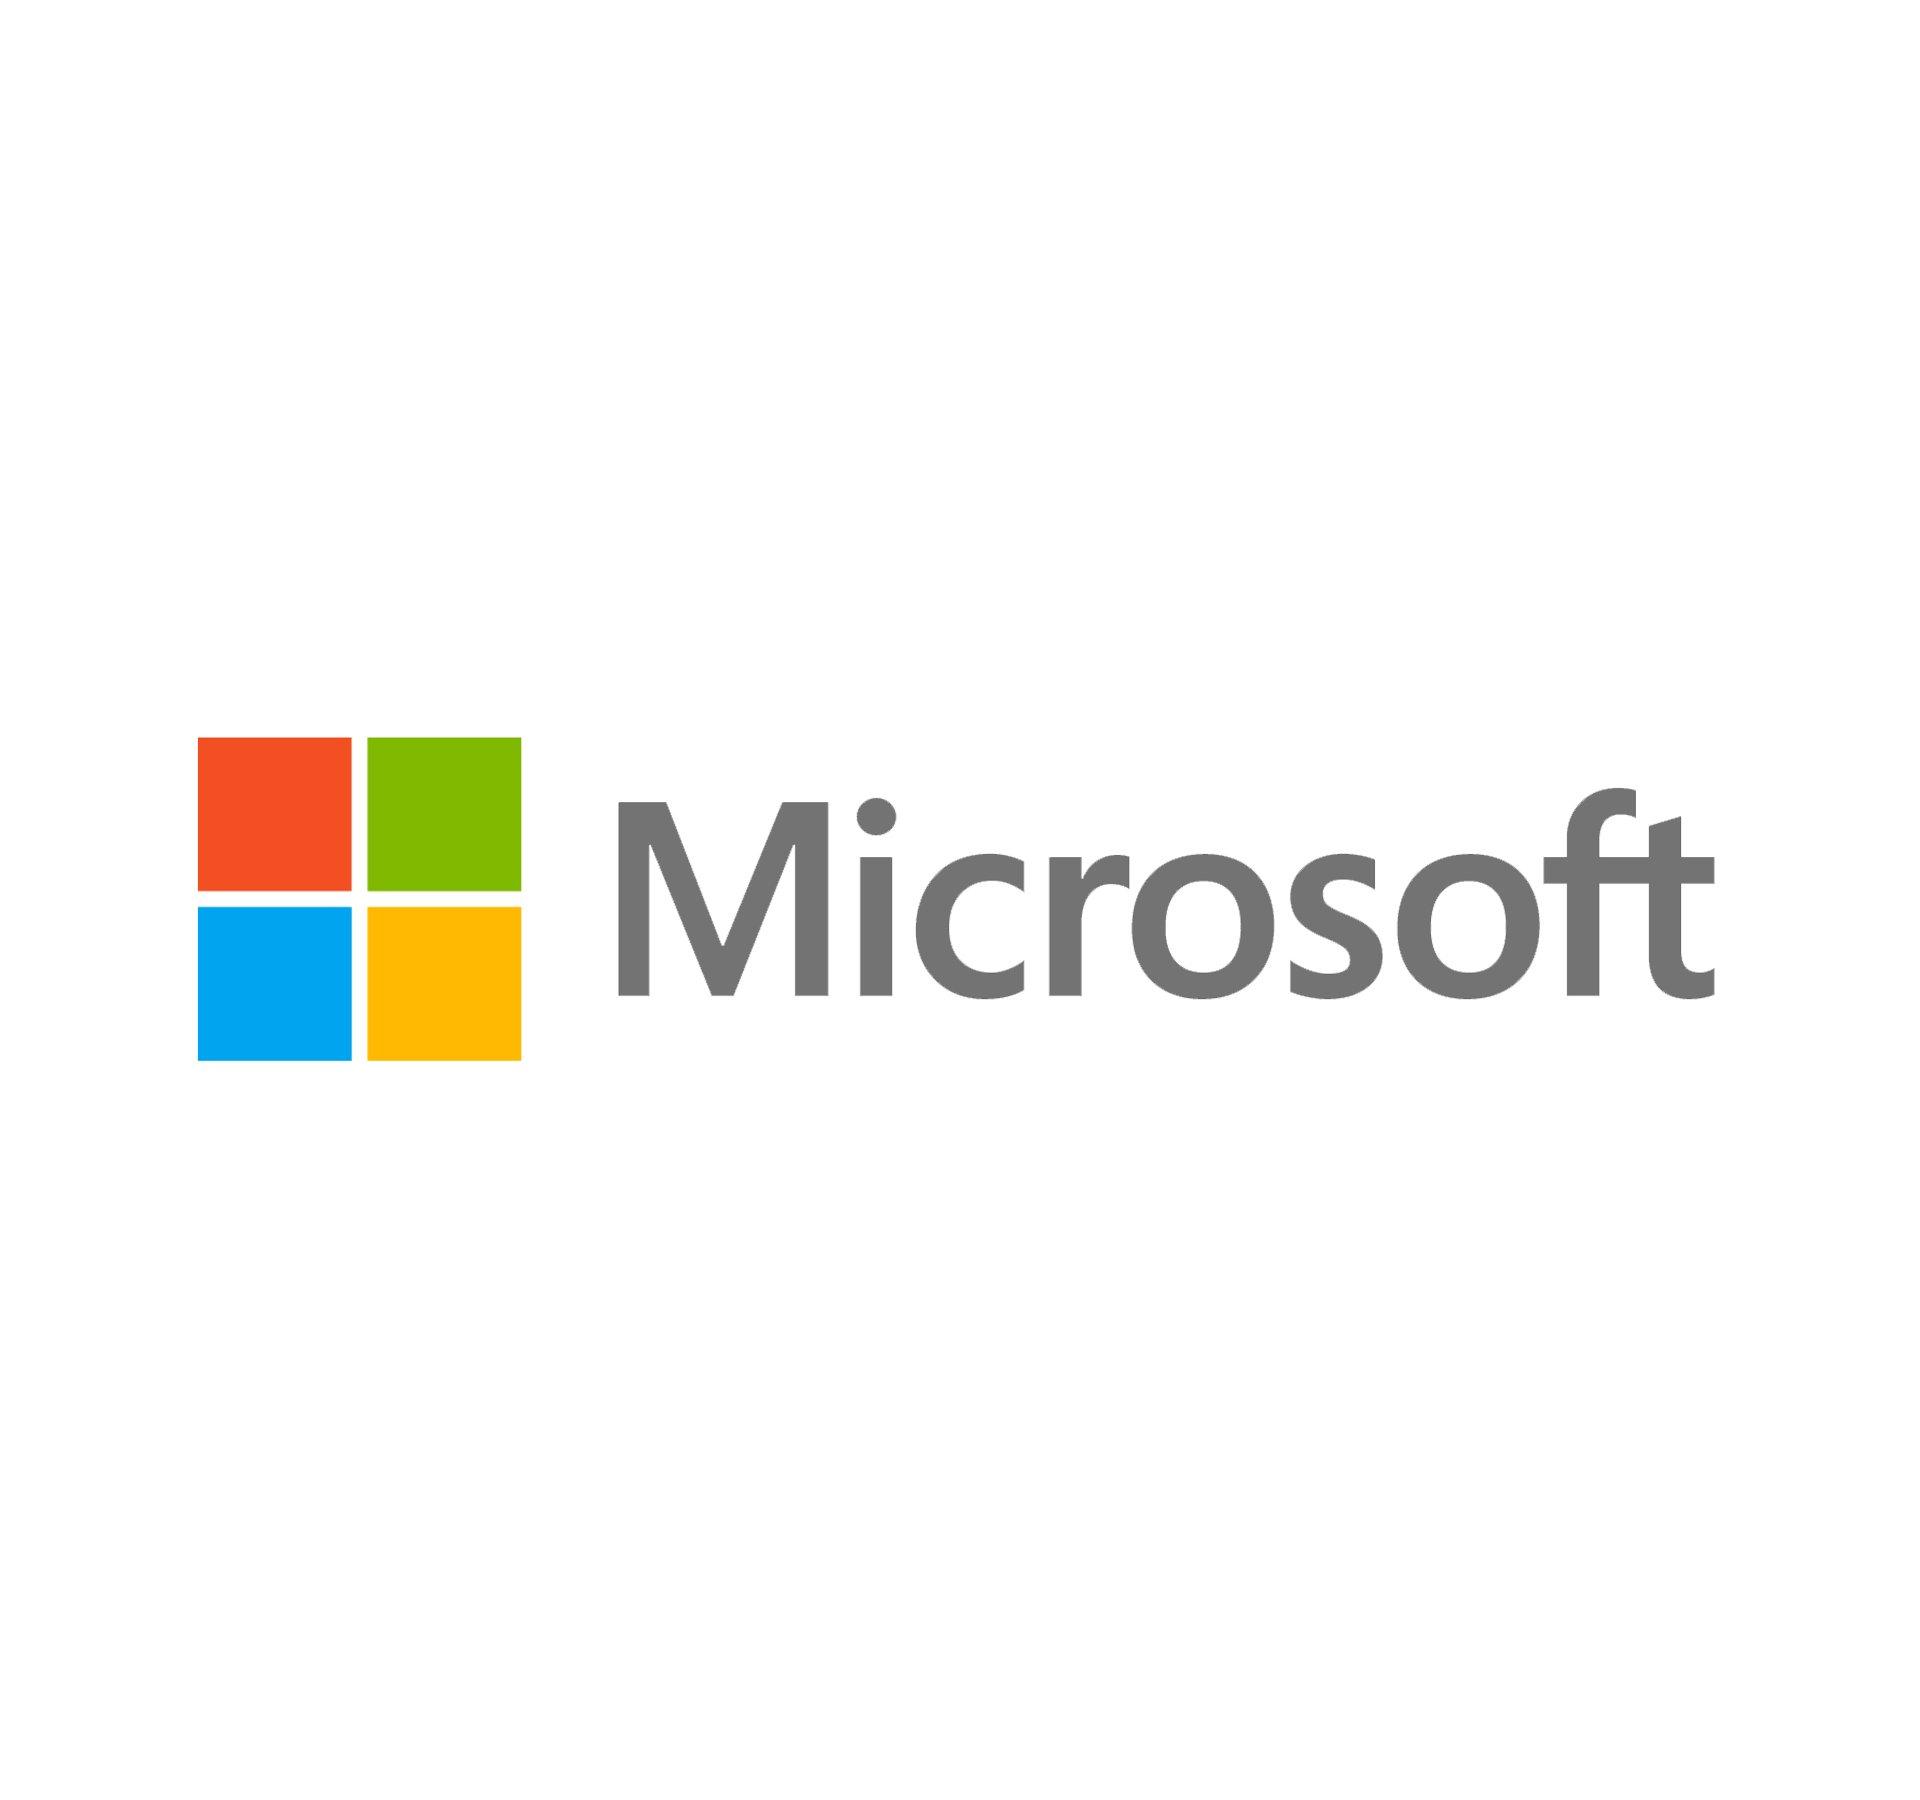 Microsoft infolinia | Informacje dodatkowe, telefon, numer, adres, kontakt